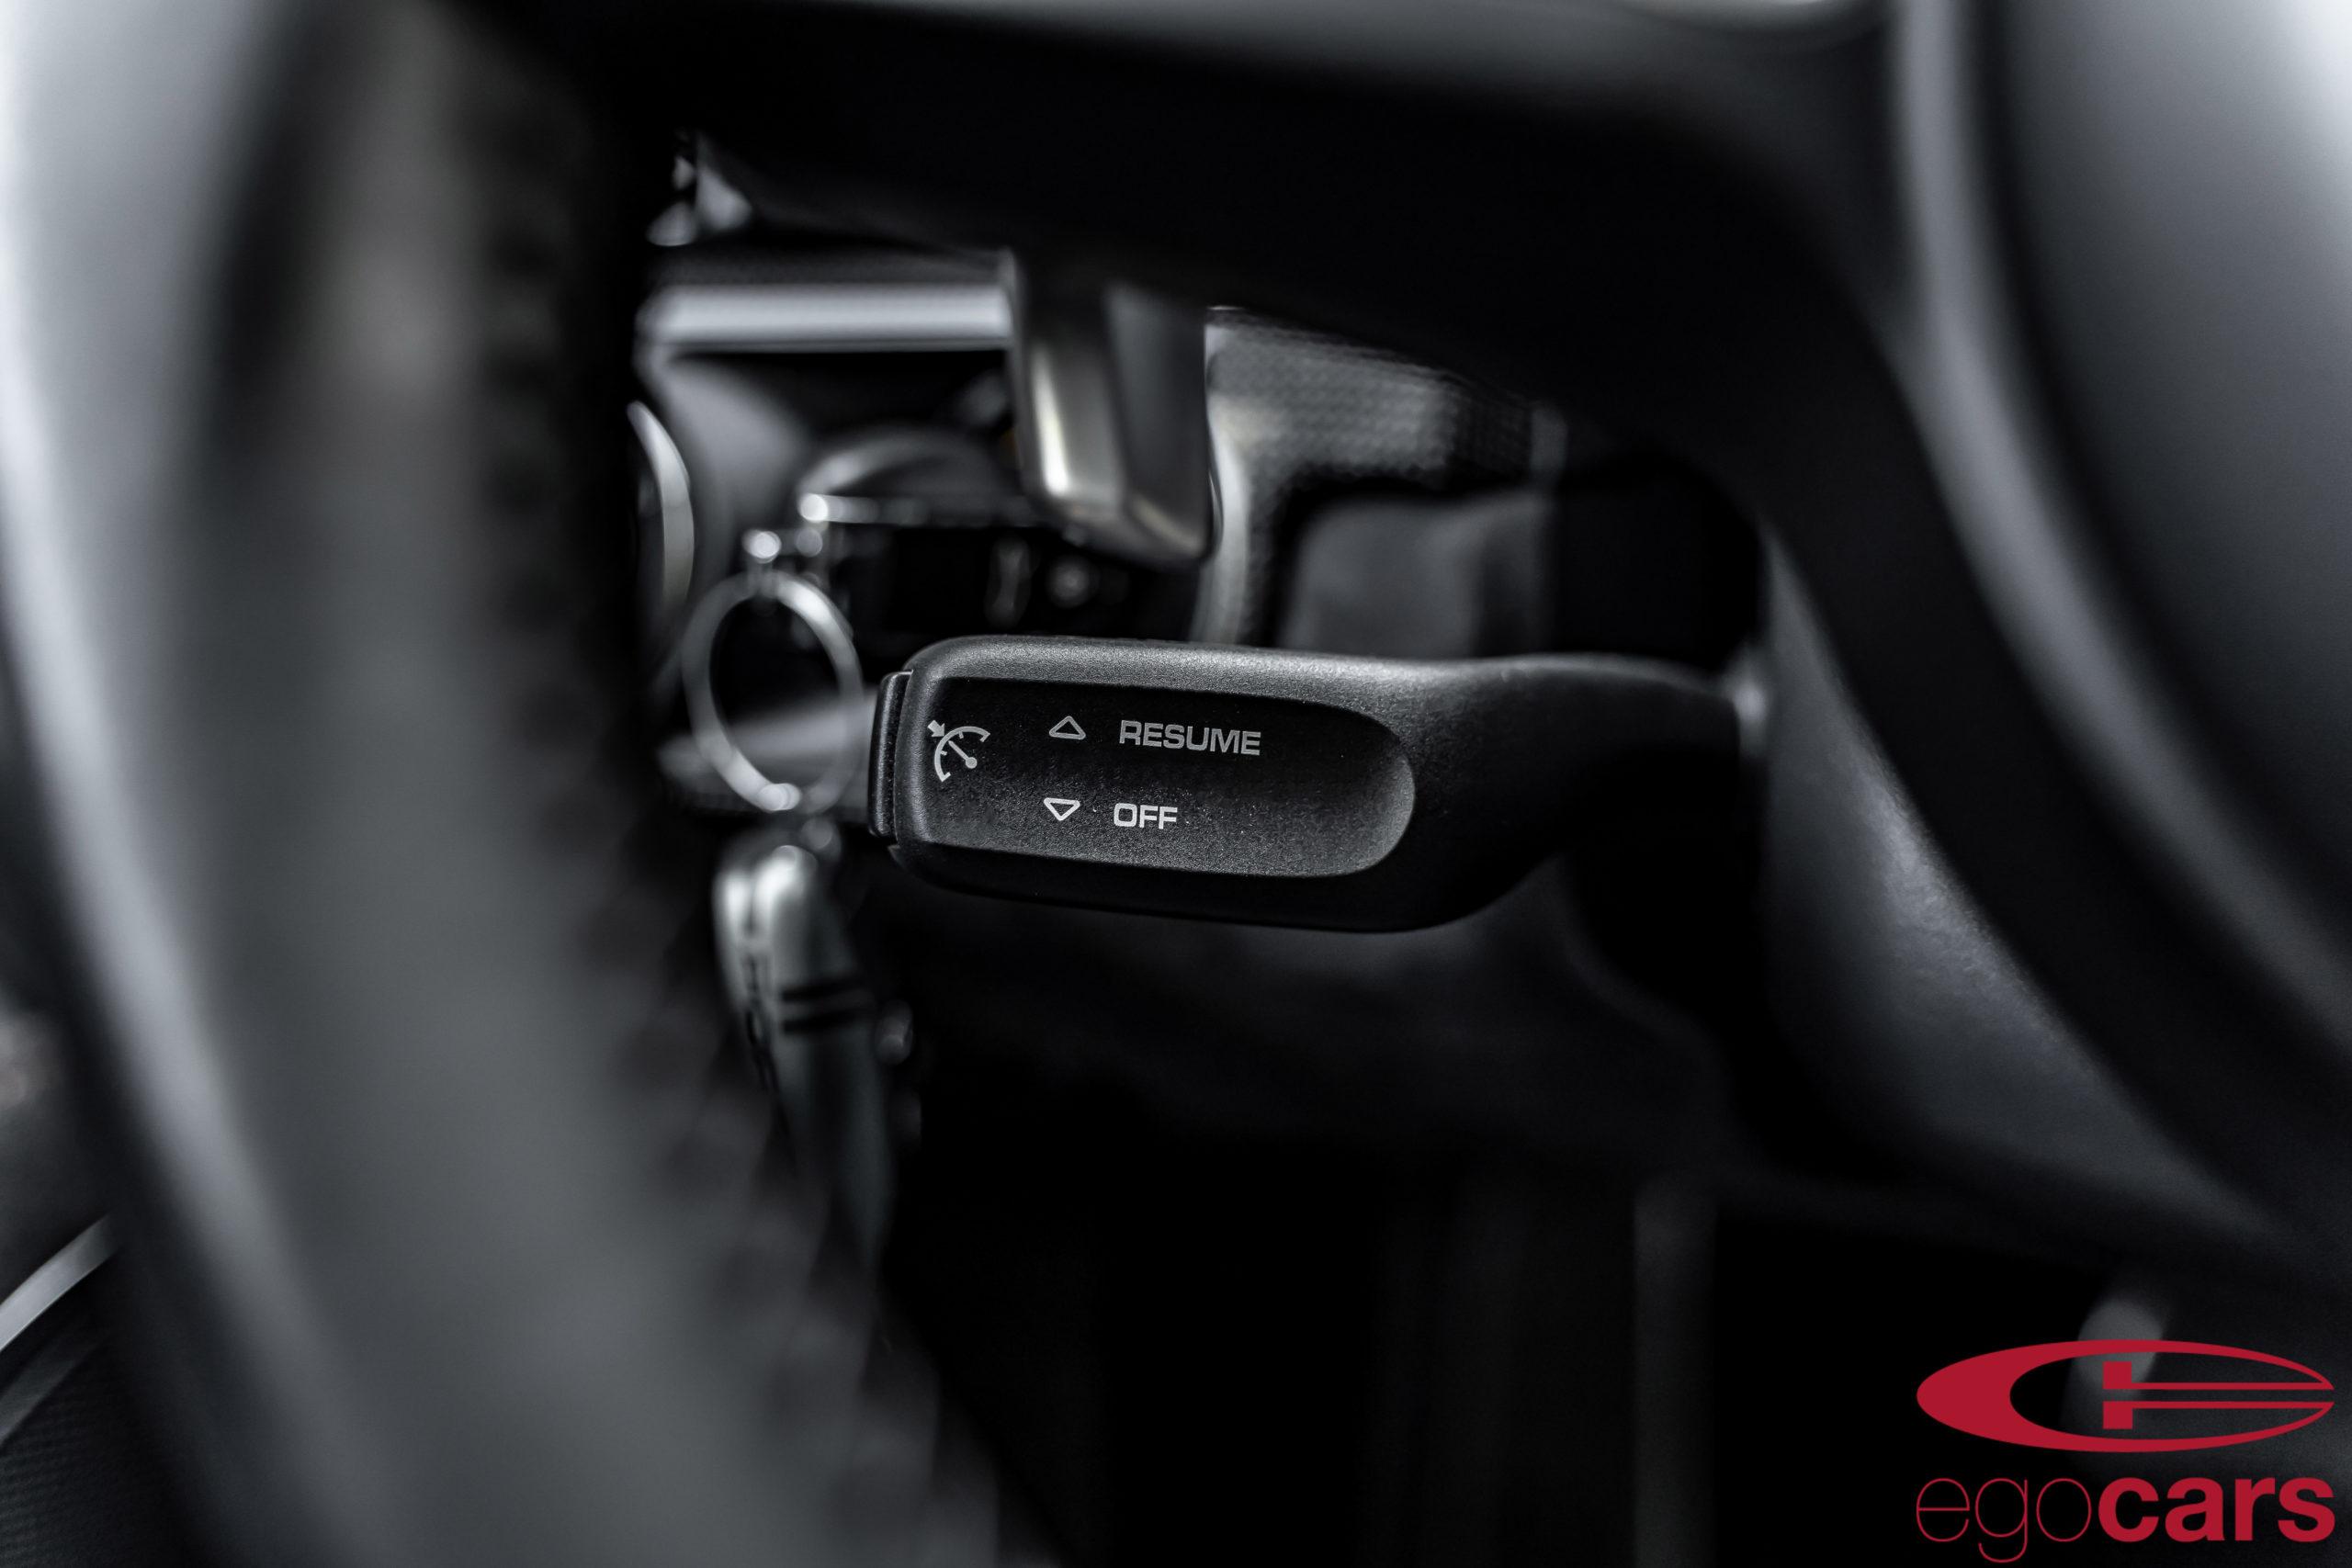 911 CARRERA 4 GTS NEGRO EGOCARS_30